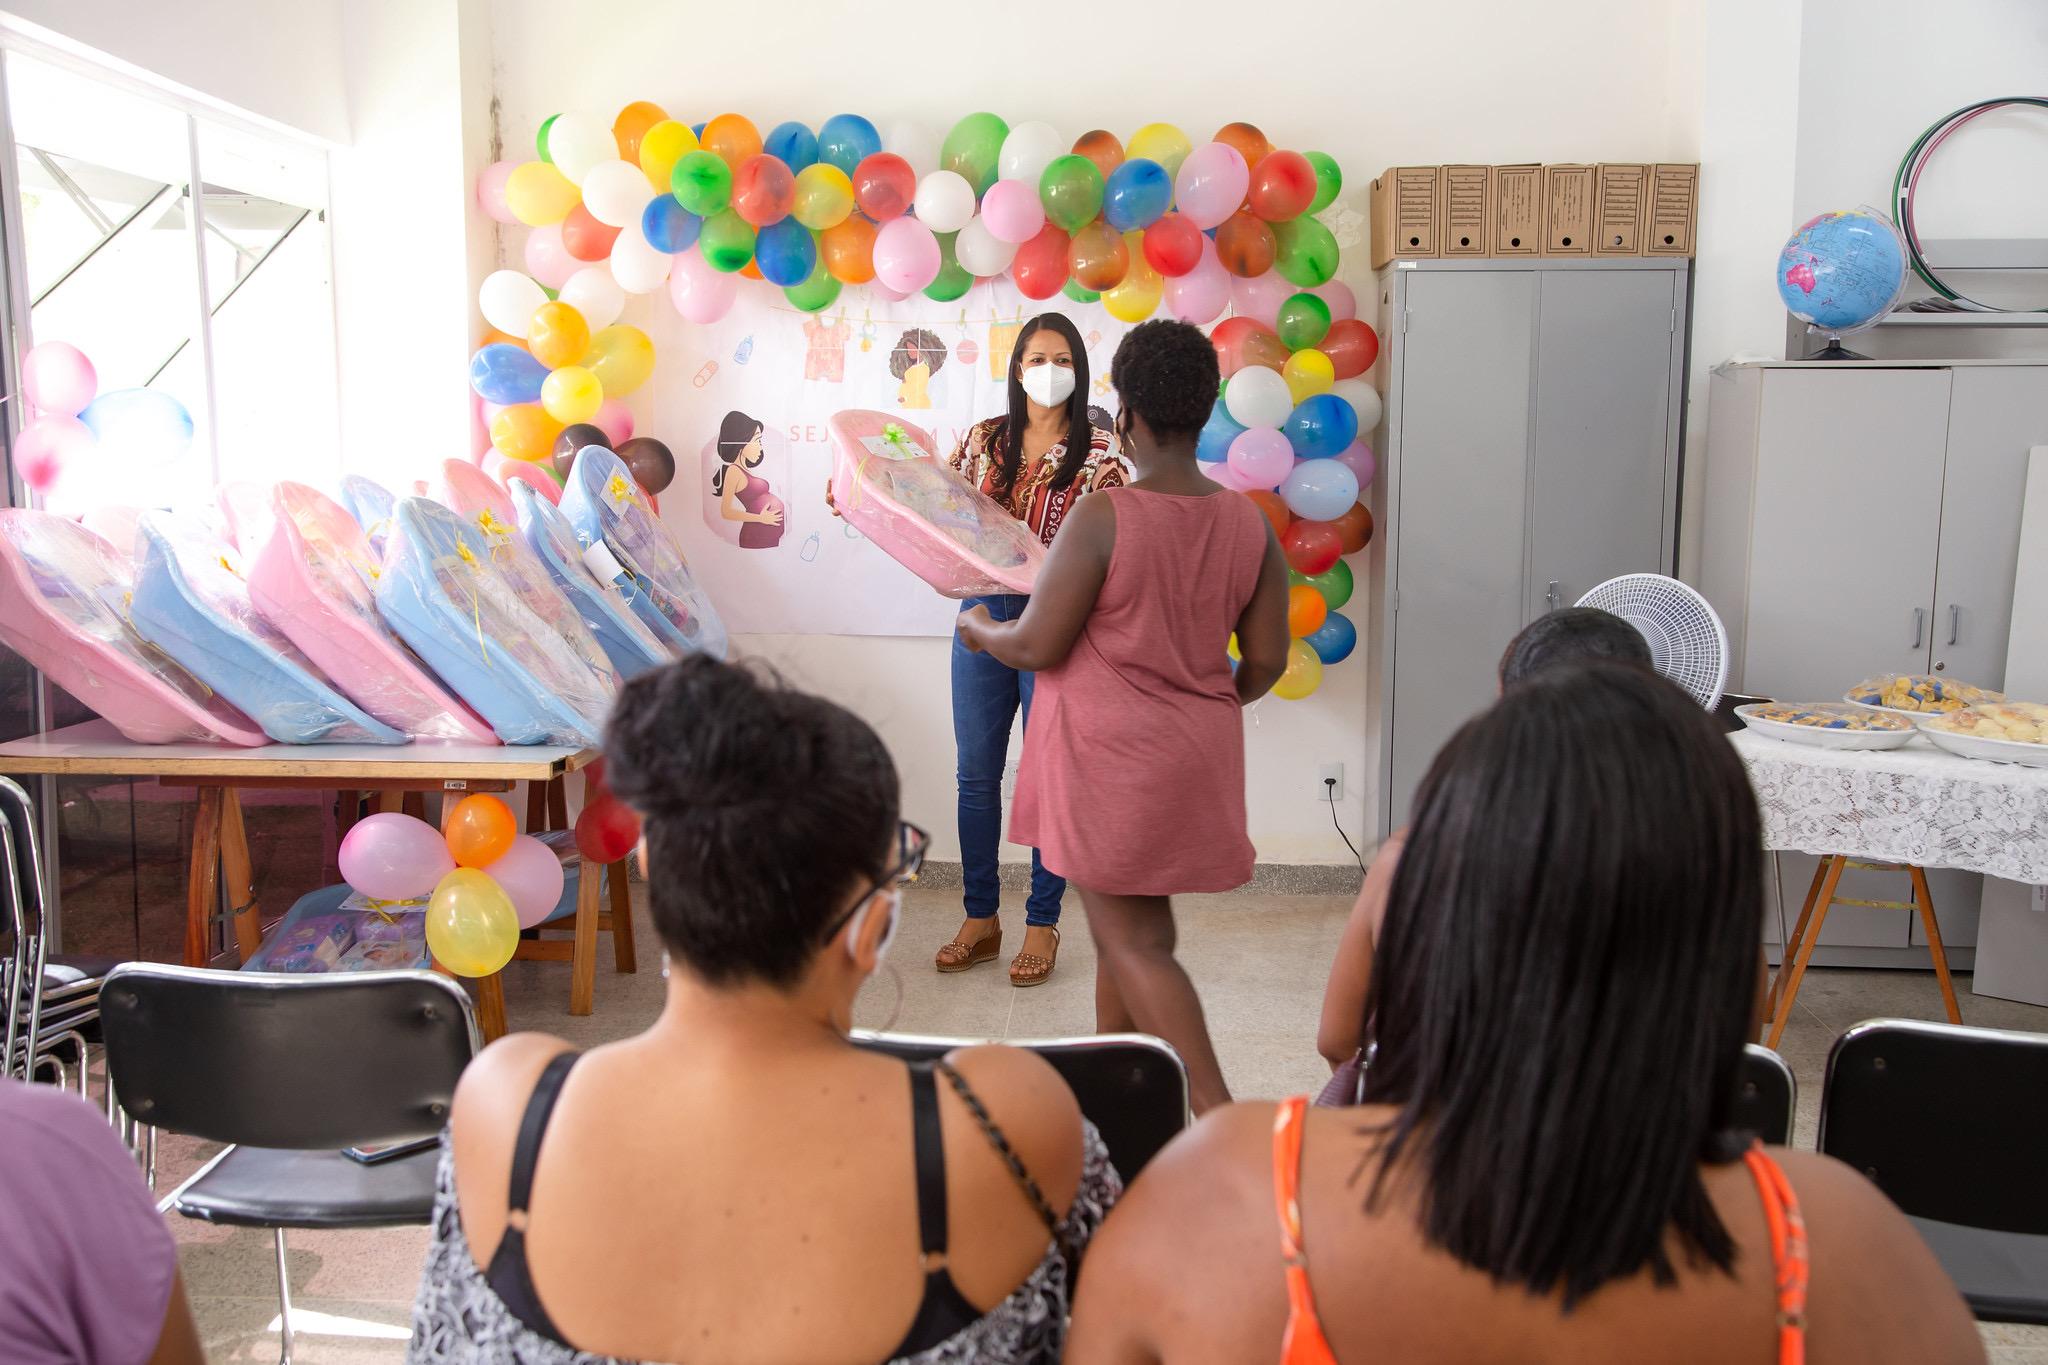 CRAS de Lauro de Freitas entrega kit natalidade a gestantes e cestas básicas para famílias em situação de vulnerabilidade